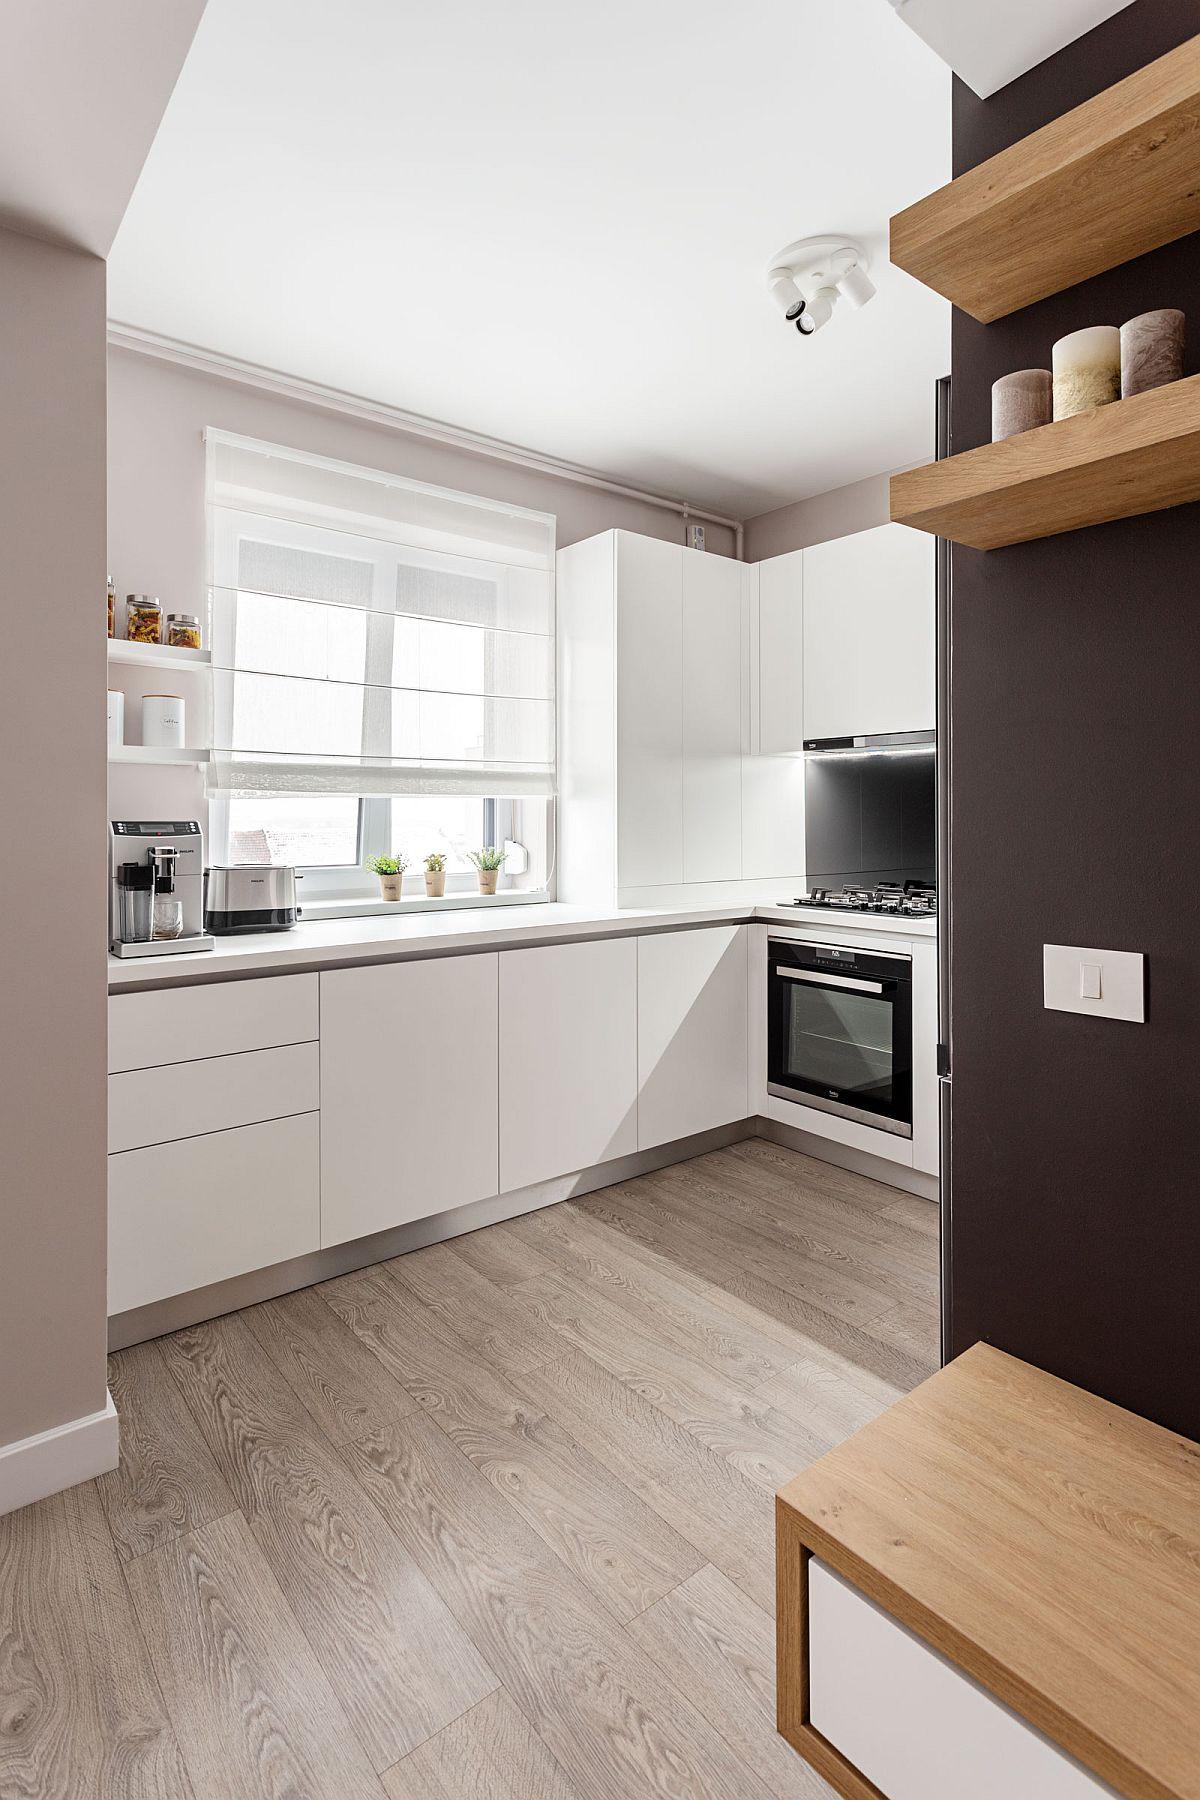 Pentru ca ansamblul zonei de zi să fie cât mai armonios, arhitecții au prevăzut același tip de pardoseală peste tot, adică parchet înclusiv în bucătărie.